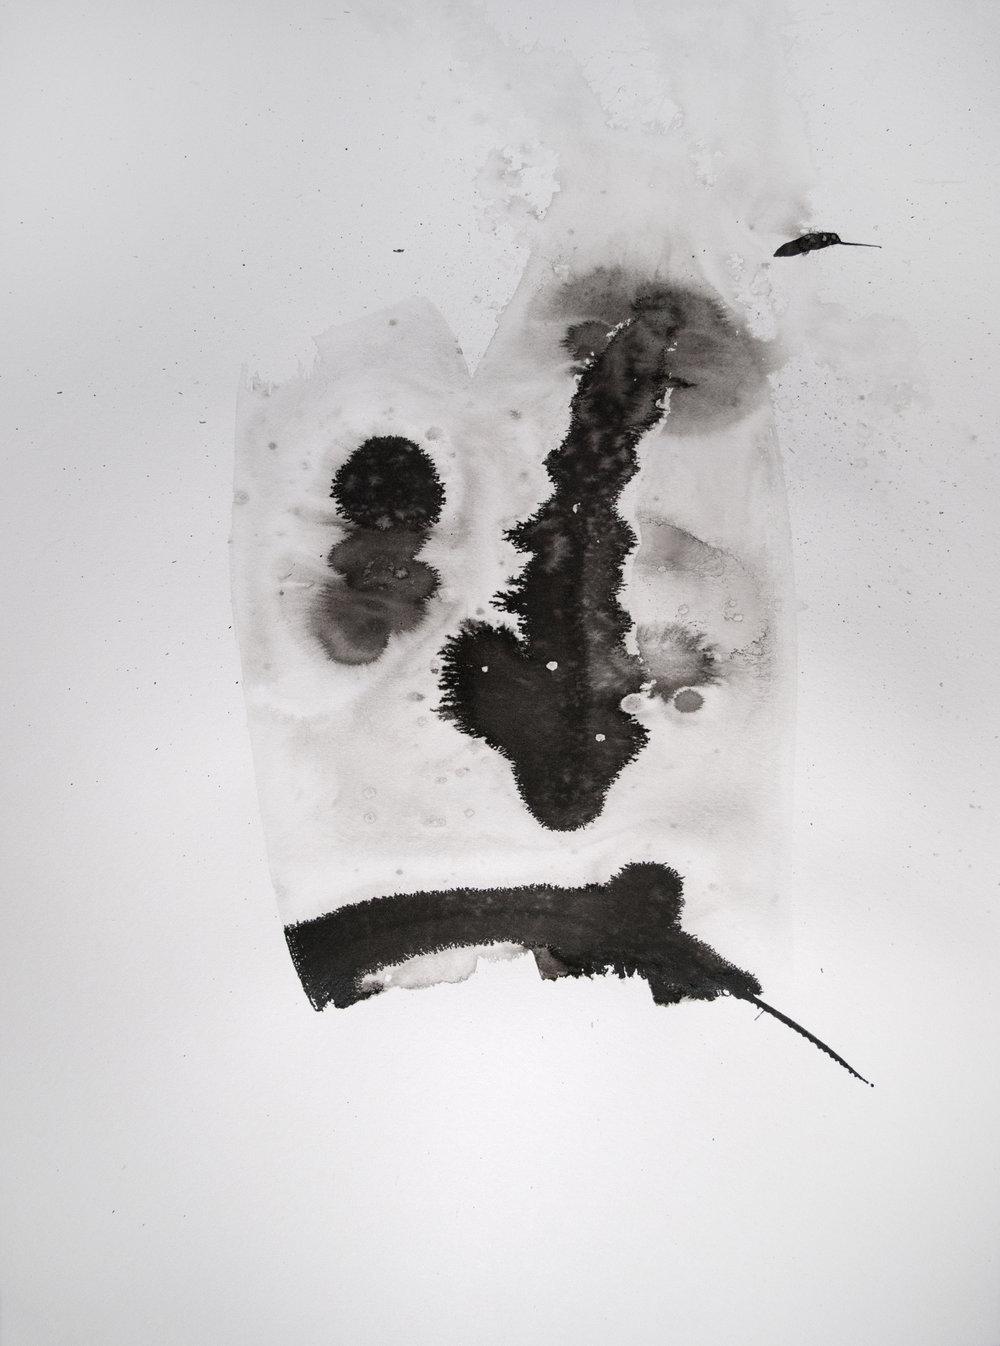 black ink and water 1.jpg